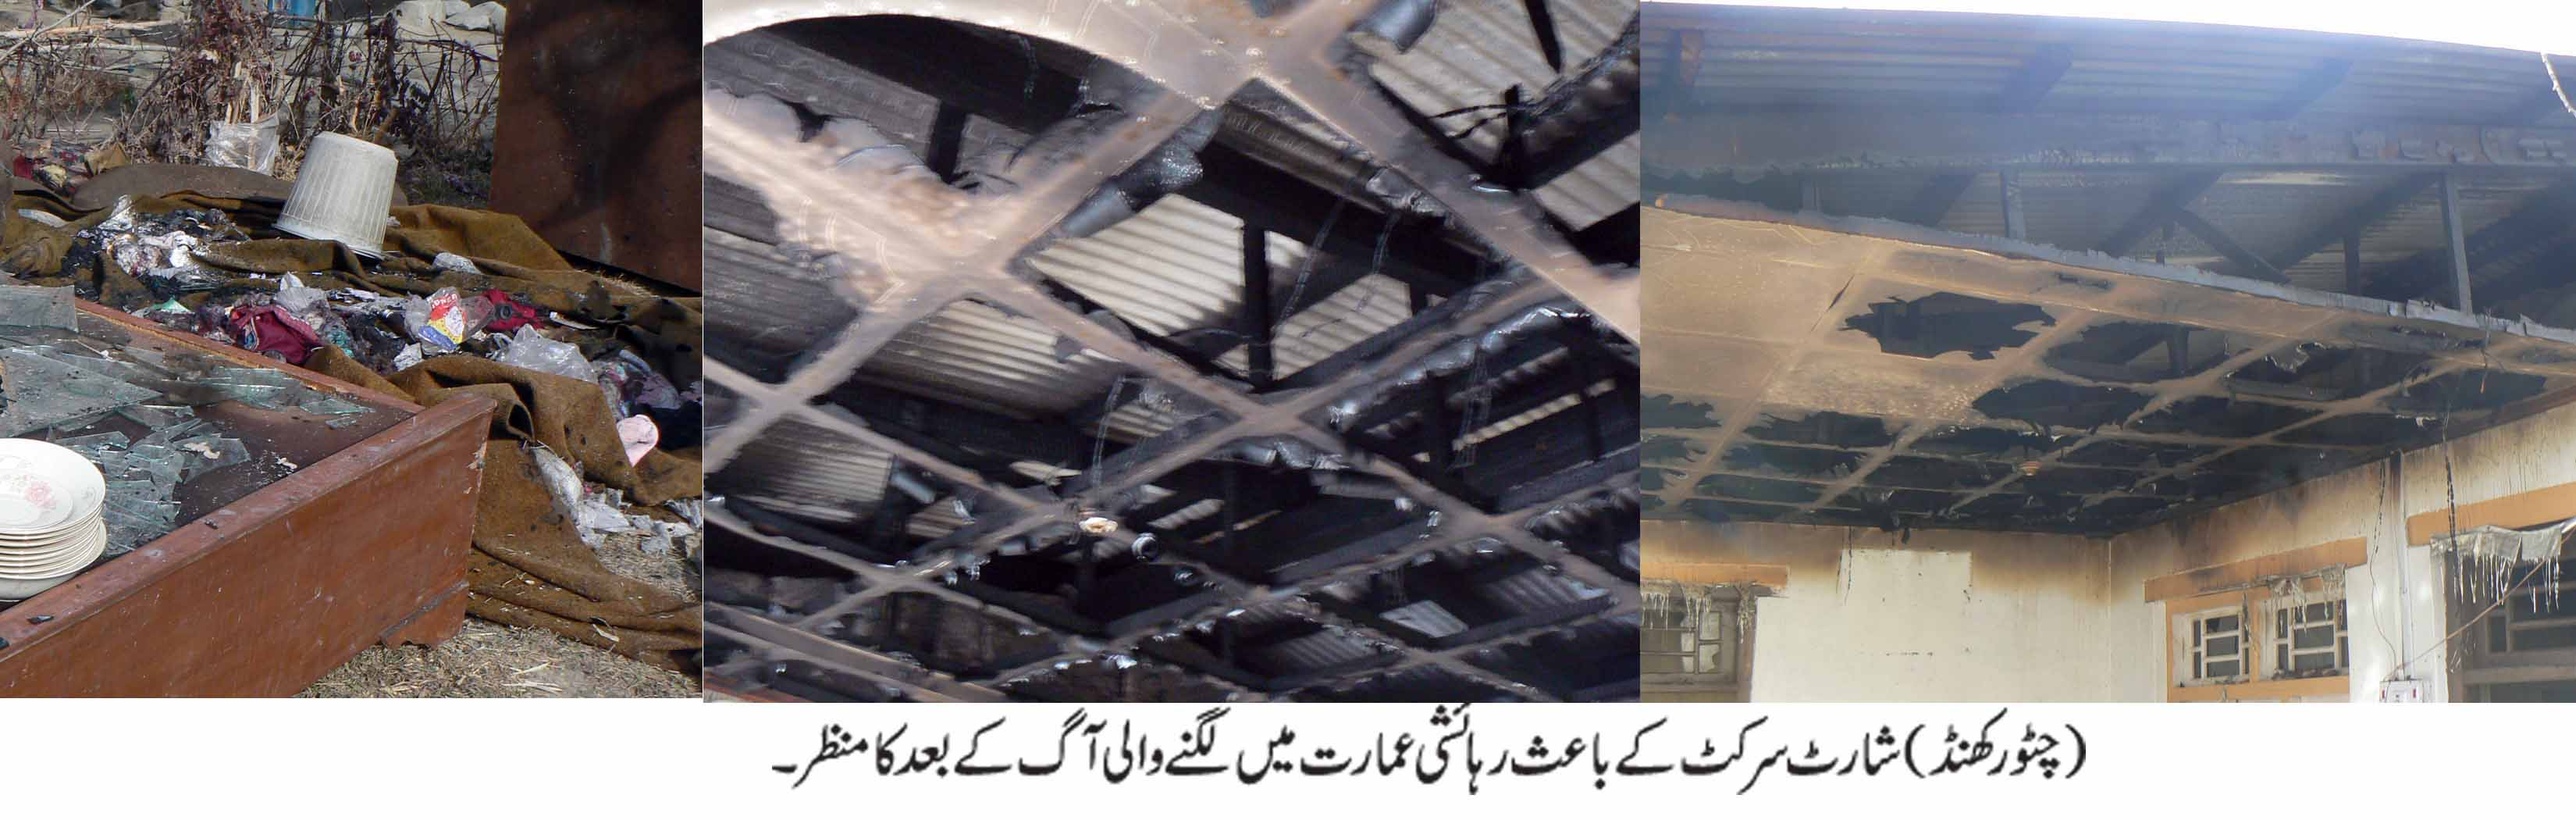 اشکومن، شارٹ سرکٹ سے لگی آگ نےمکان کا بیشتر حصہ اور سامان جلا کر خاکستر کر دیا